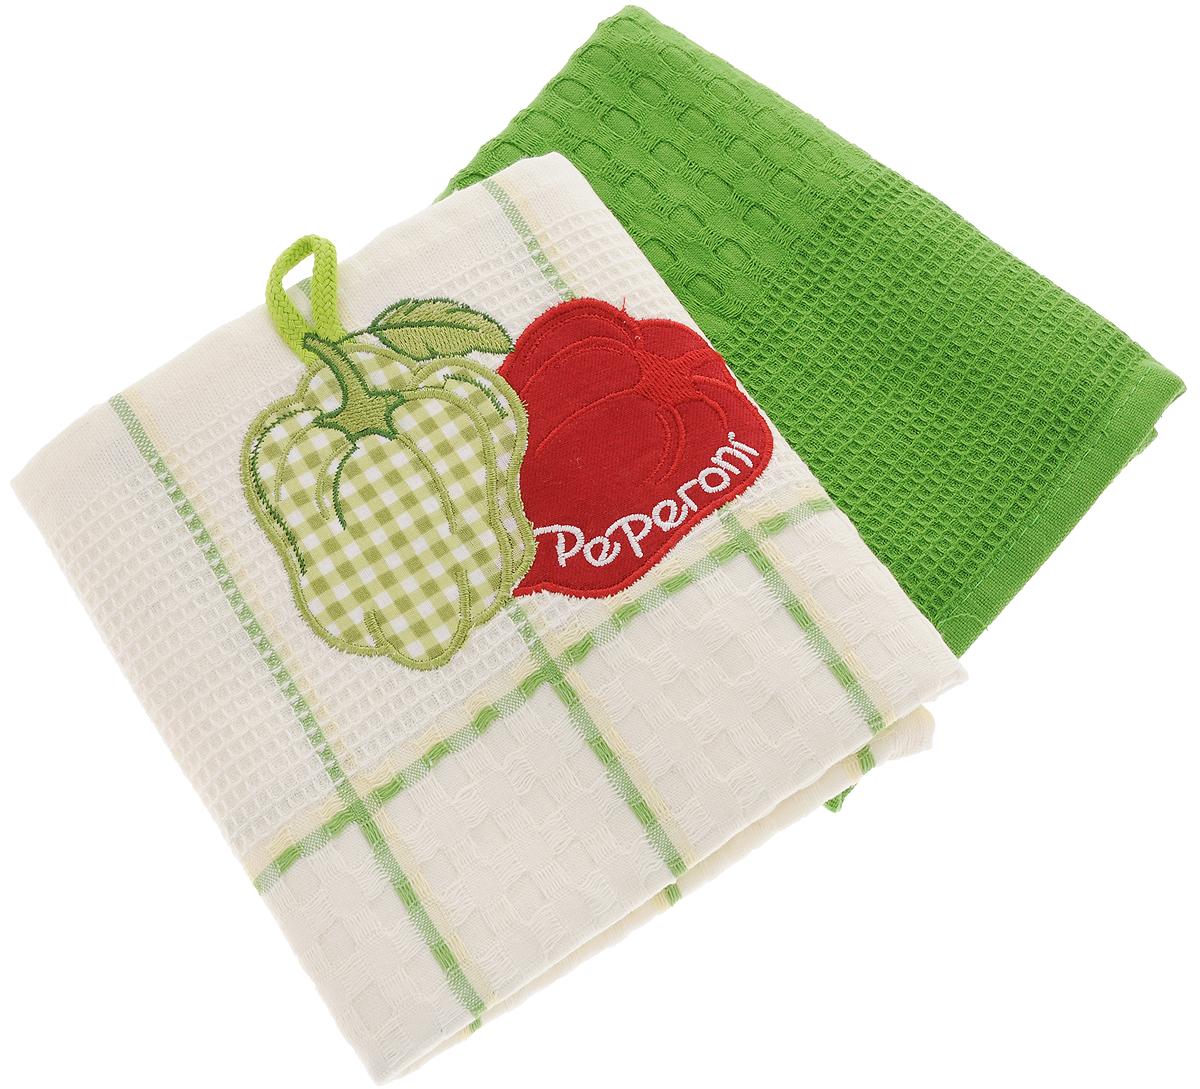 Набор кухонных полотенец Bonita Перец, цвет: зеленый, белый, 45 х 70 см, 2 штVT-1520(SR)Набор кухонных полотенец Bonita Перец состоит из двух полотенец, изготовленный из натурального хлопка, идеально дополнит интерьер вашей кухни и создаст атмосферу уюта и комфорта. Одно полотенце белого цвета в зеленую клетку оформлено вышивкой в виде двух перцев и оснащено петелькой. Другое полотенце однотонное зеленого цвета без вышивки. Изделия выполнены из натурального материала, поэтому являются экологически чистыми. Высочайшее качество материала гарантирует безопасность не только взрослых, но и самых маленьких членов семьи. Современный декоративный текстиль для дома должен быть экологически чистым продуктом и отличаться ярким и современным дизайном.